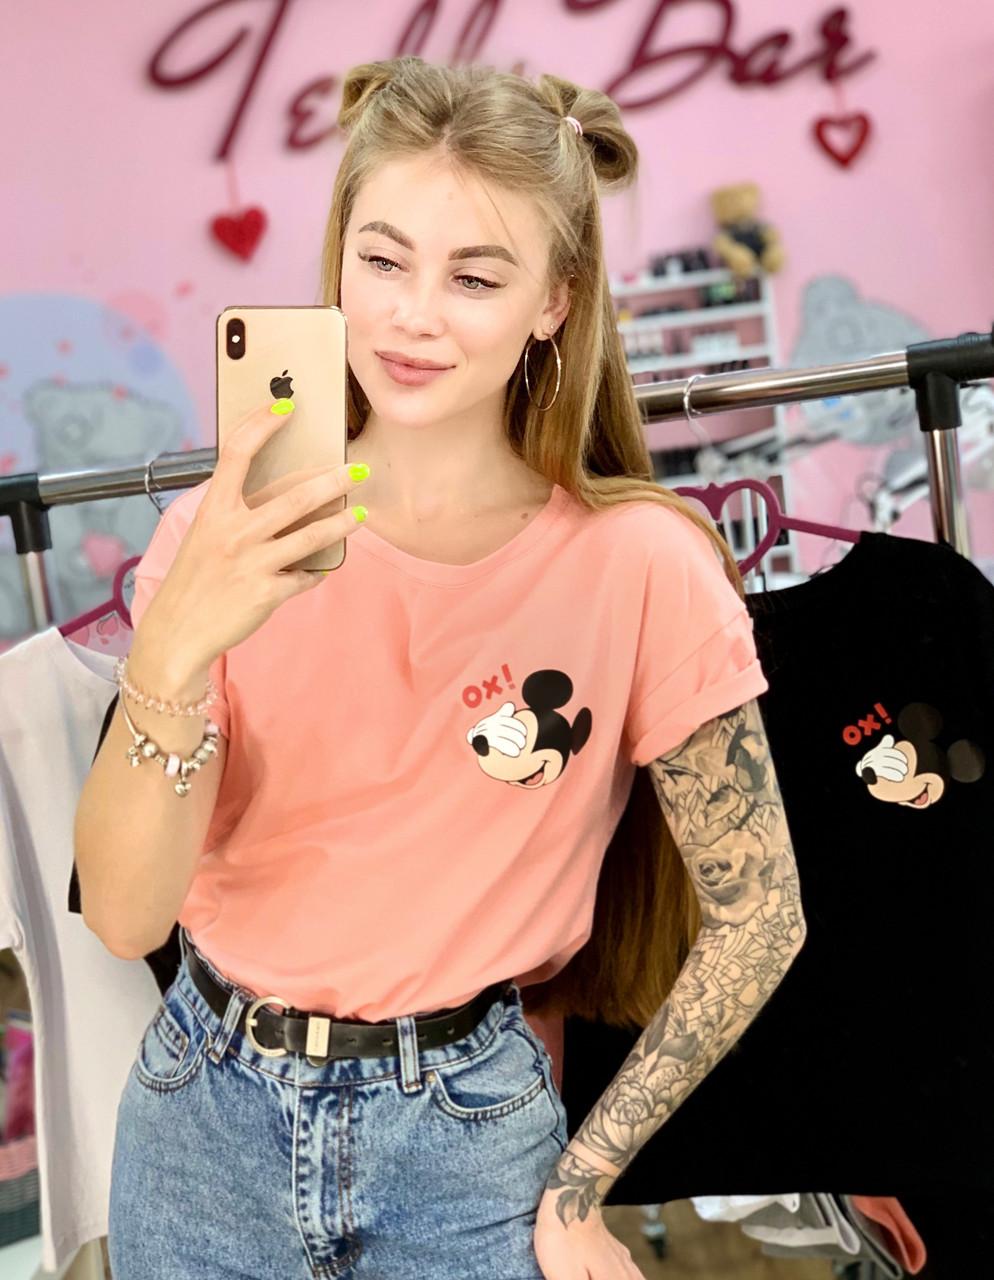 Футболка Жіноча бавовна рожева з принтом Mickey Mouse міккі маус Ox